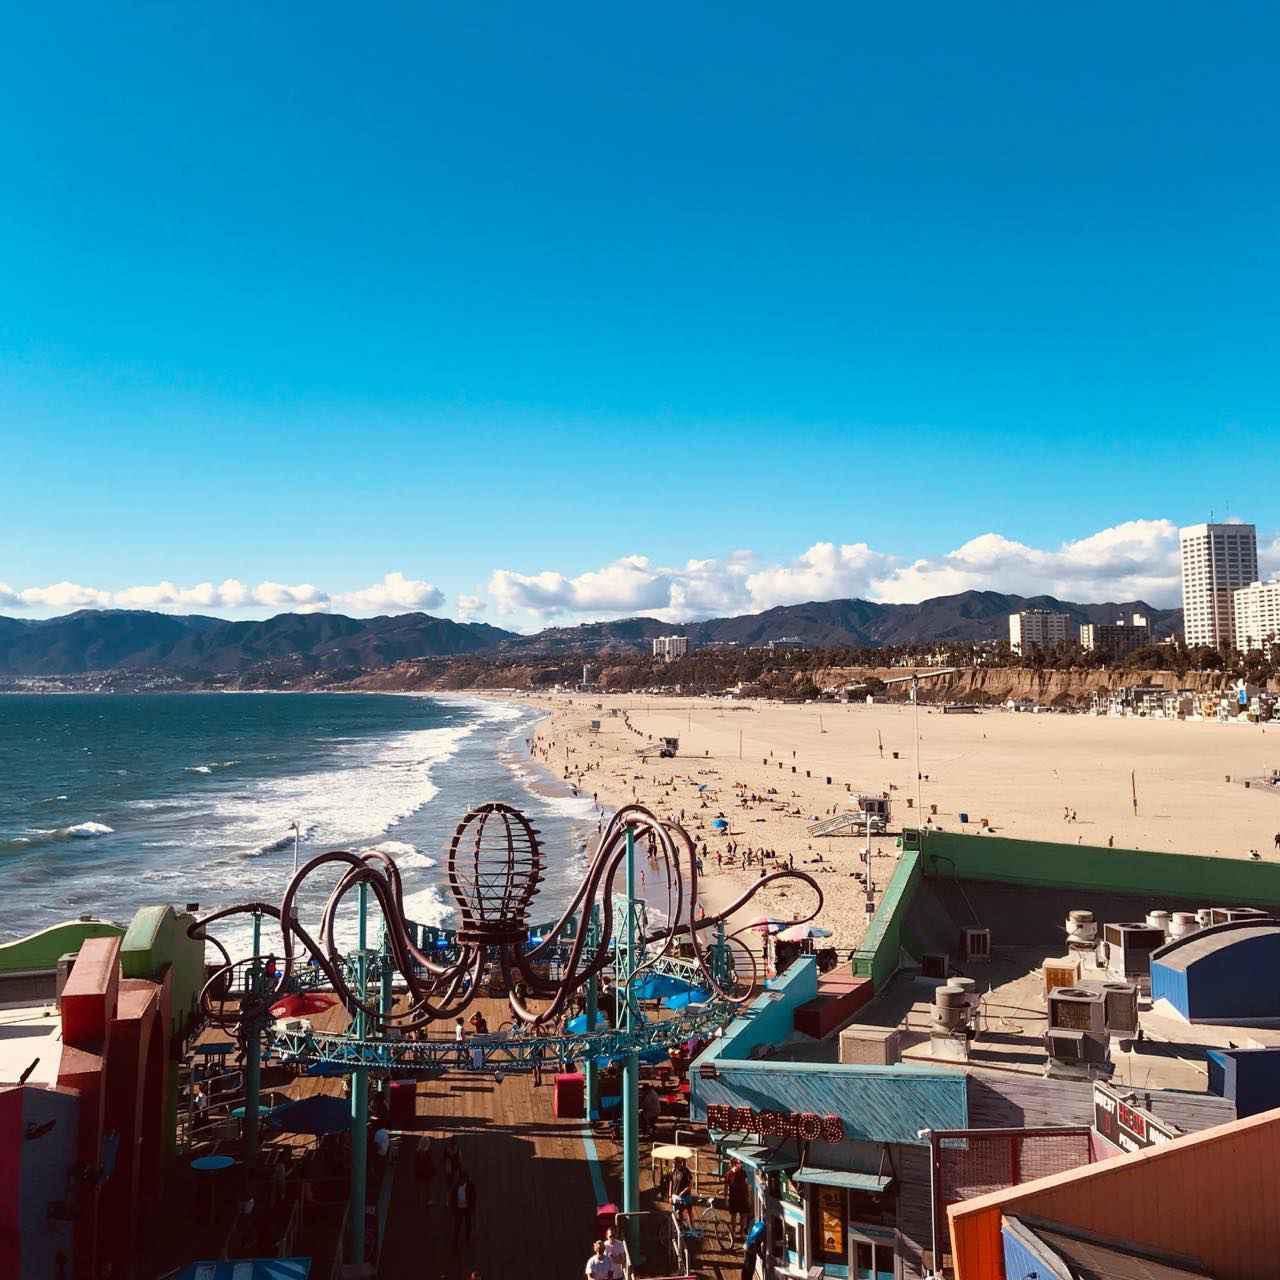 画像1: 観光客に人気。ロサンゼルスで最もメジャーなビーチタウン Santa Monica(サンタモニカ)